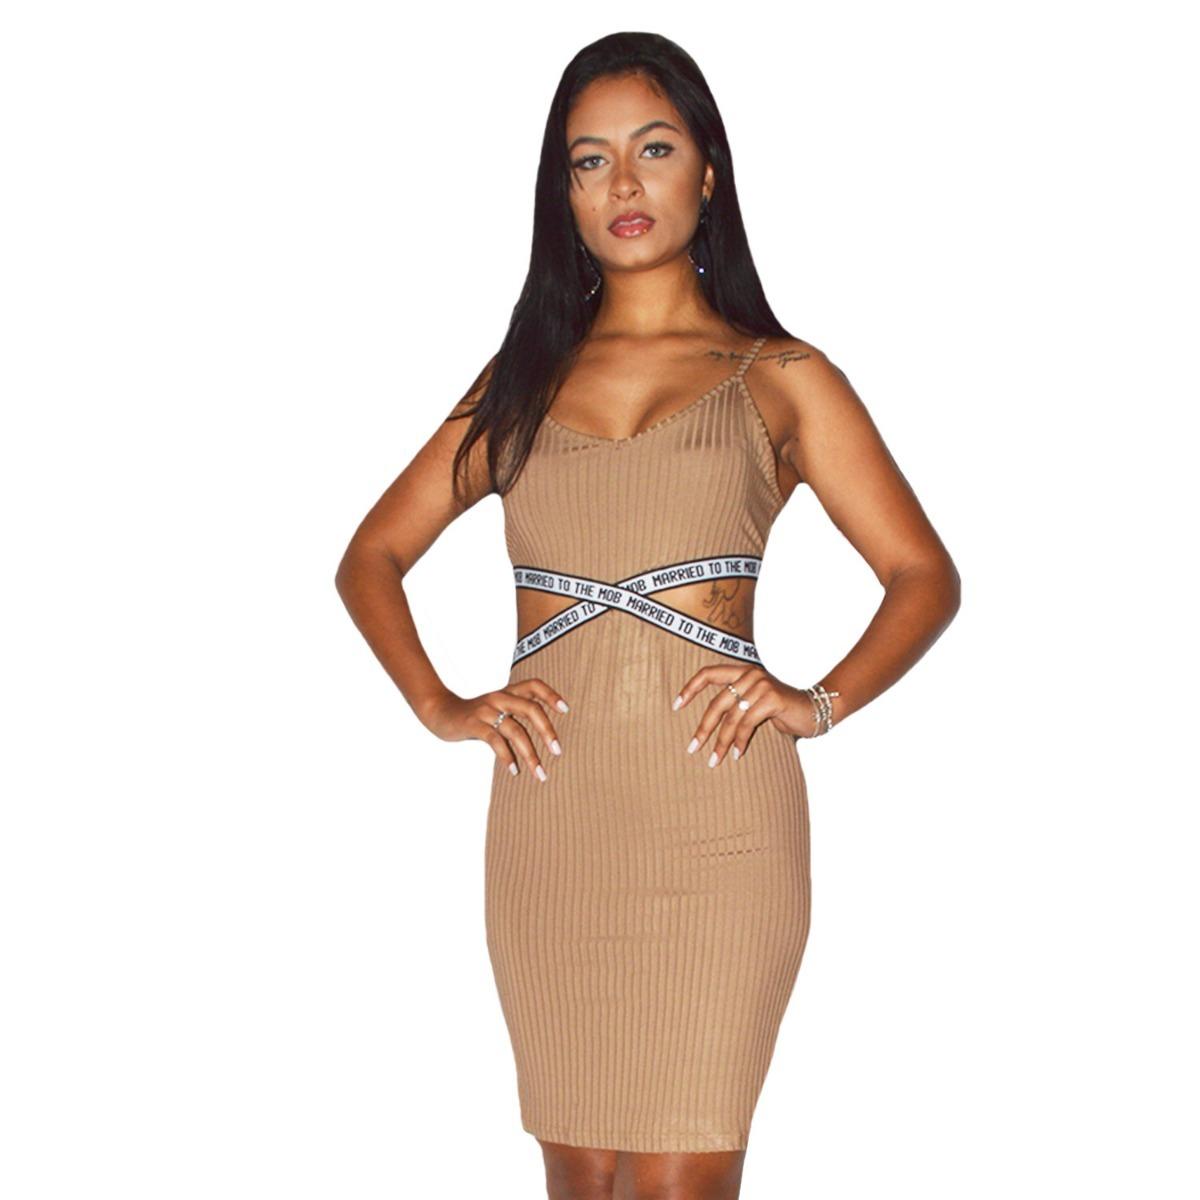 a66e0ccbf Vestido Tubinho Transpassado Em Suplex - R$ 49,90 em Mercado Livre